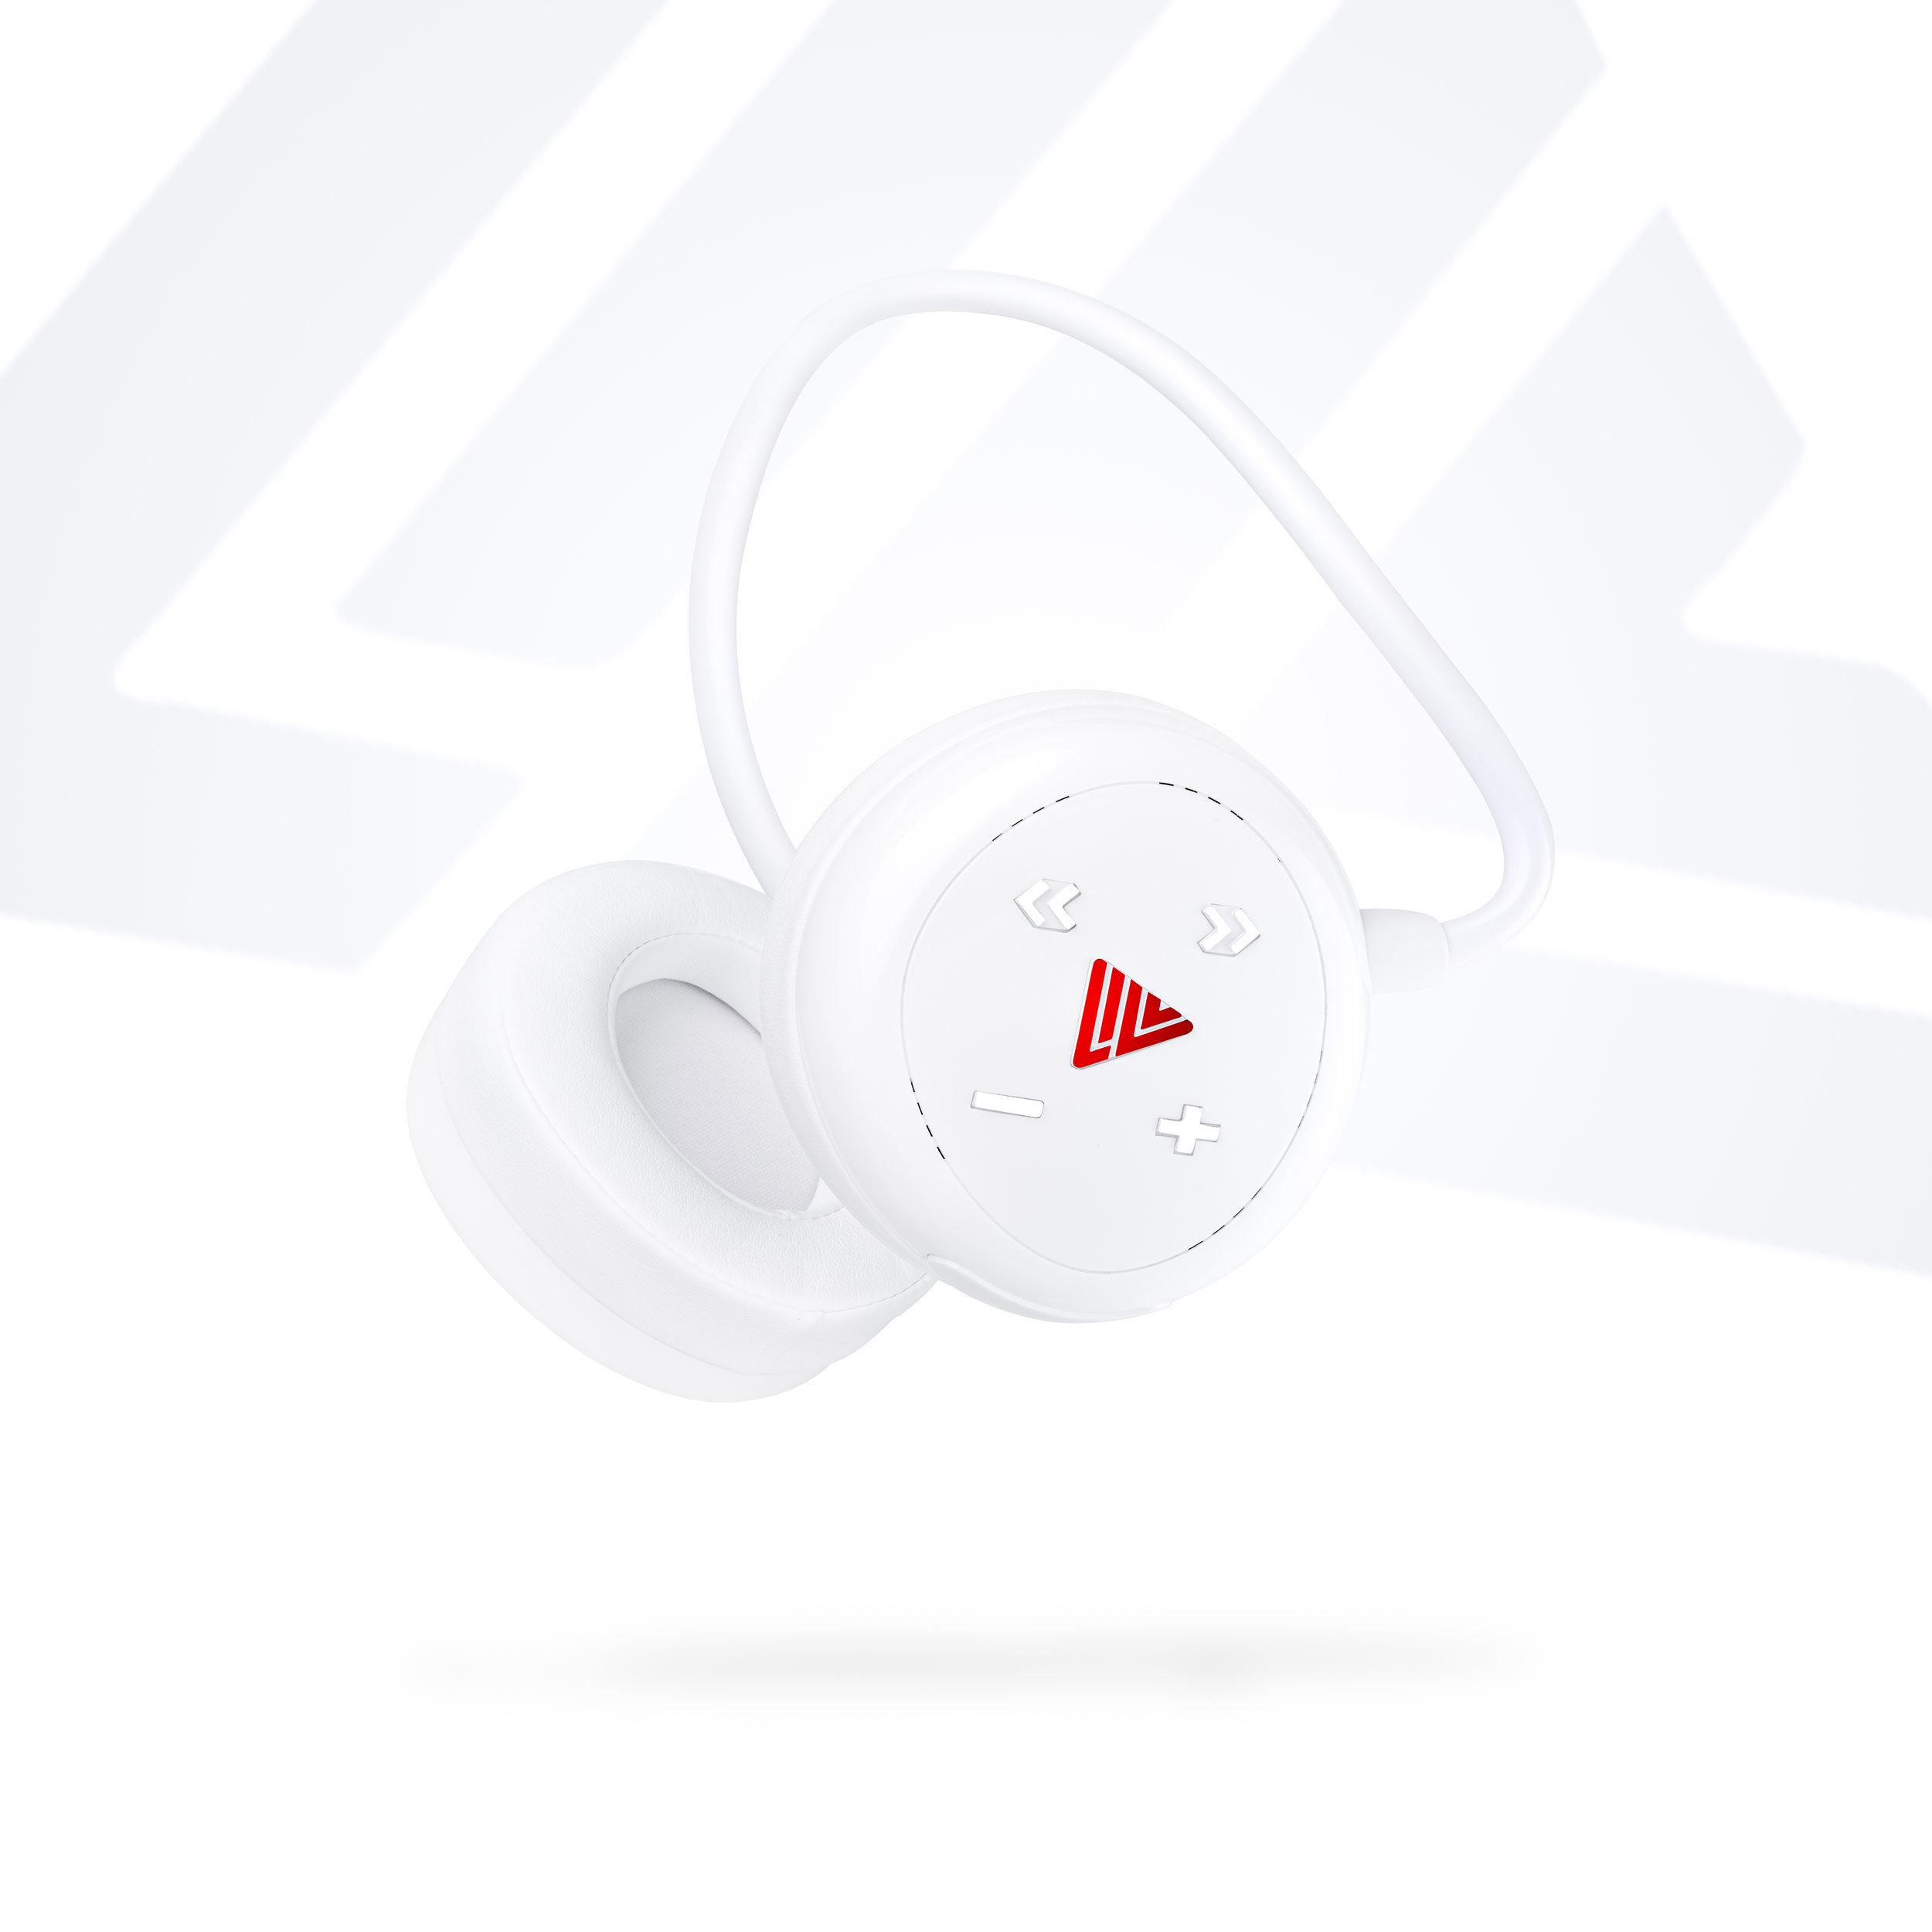 LIVV-headset-ad-White.JPG